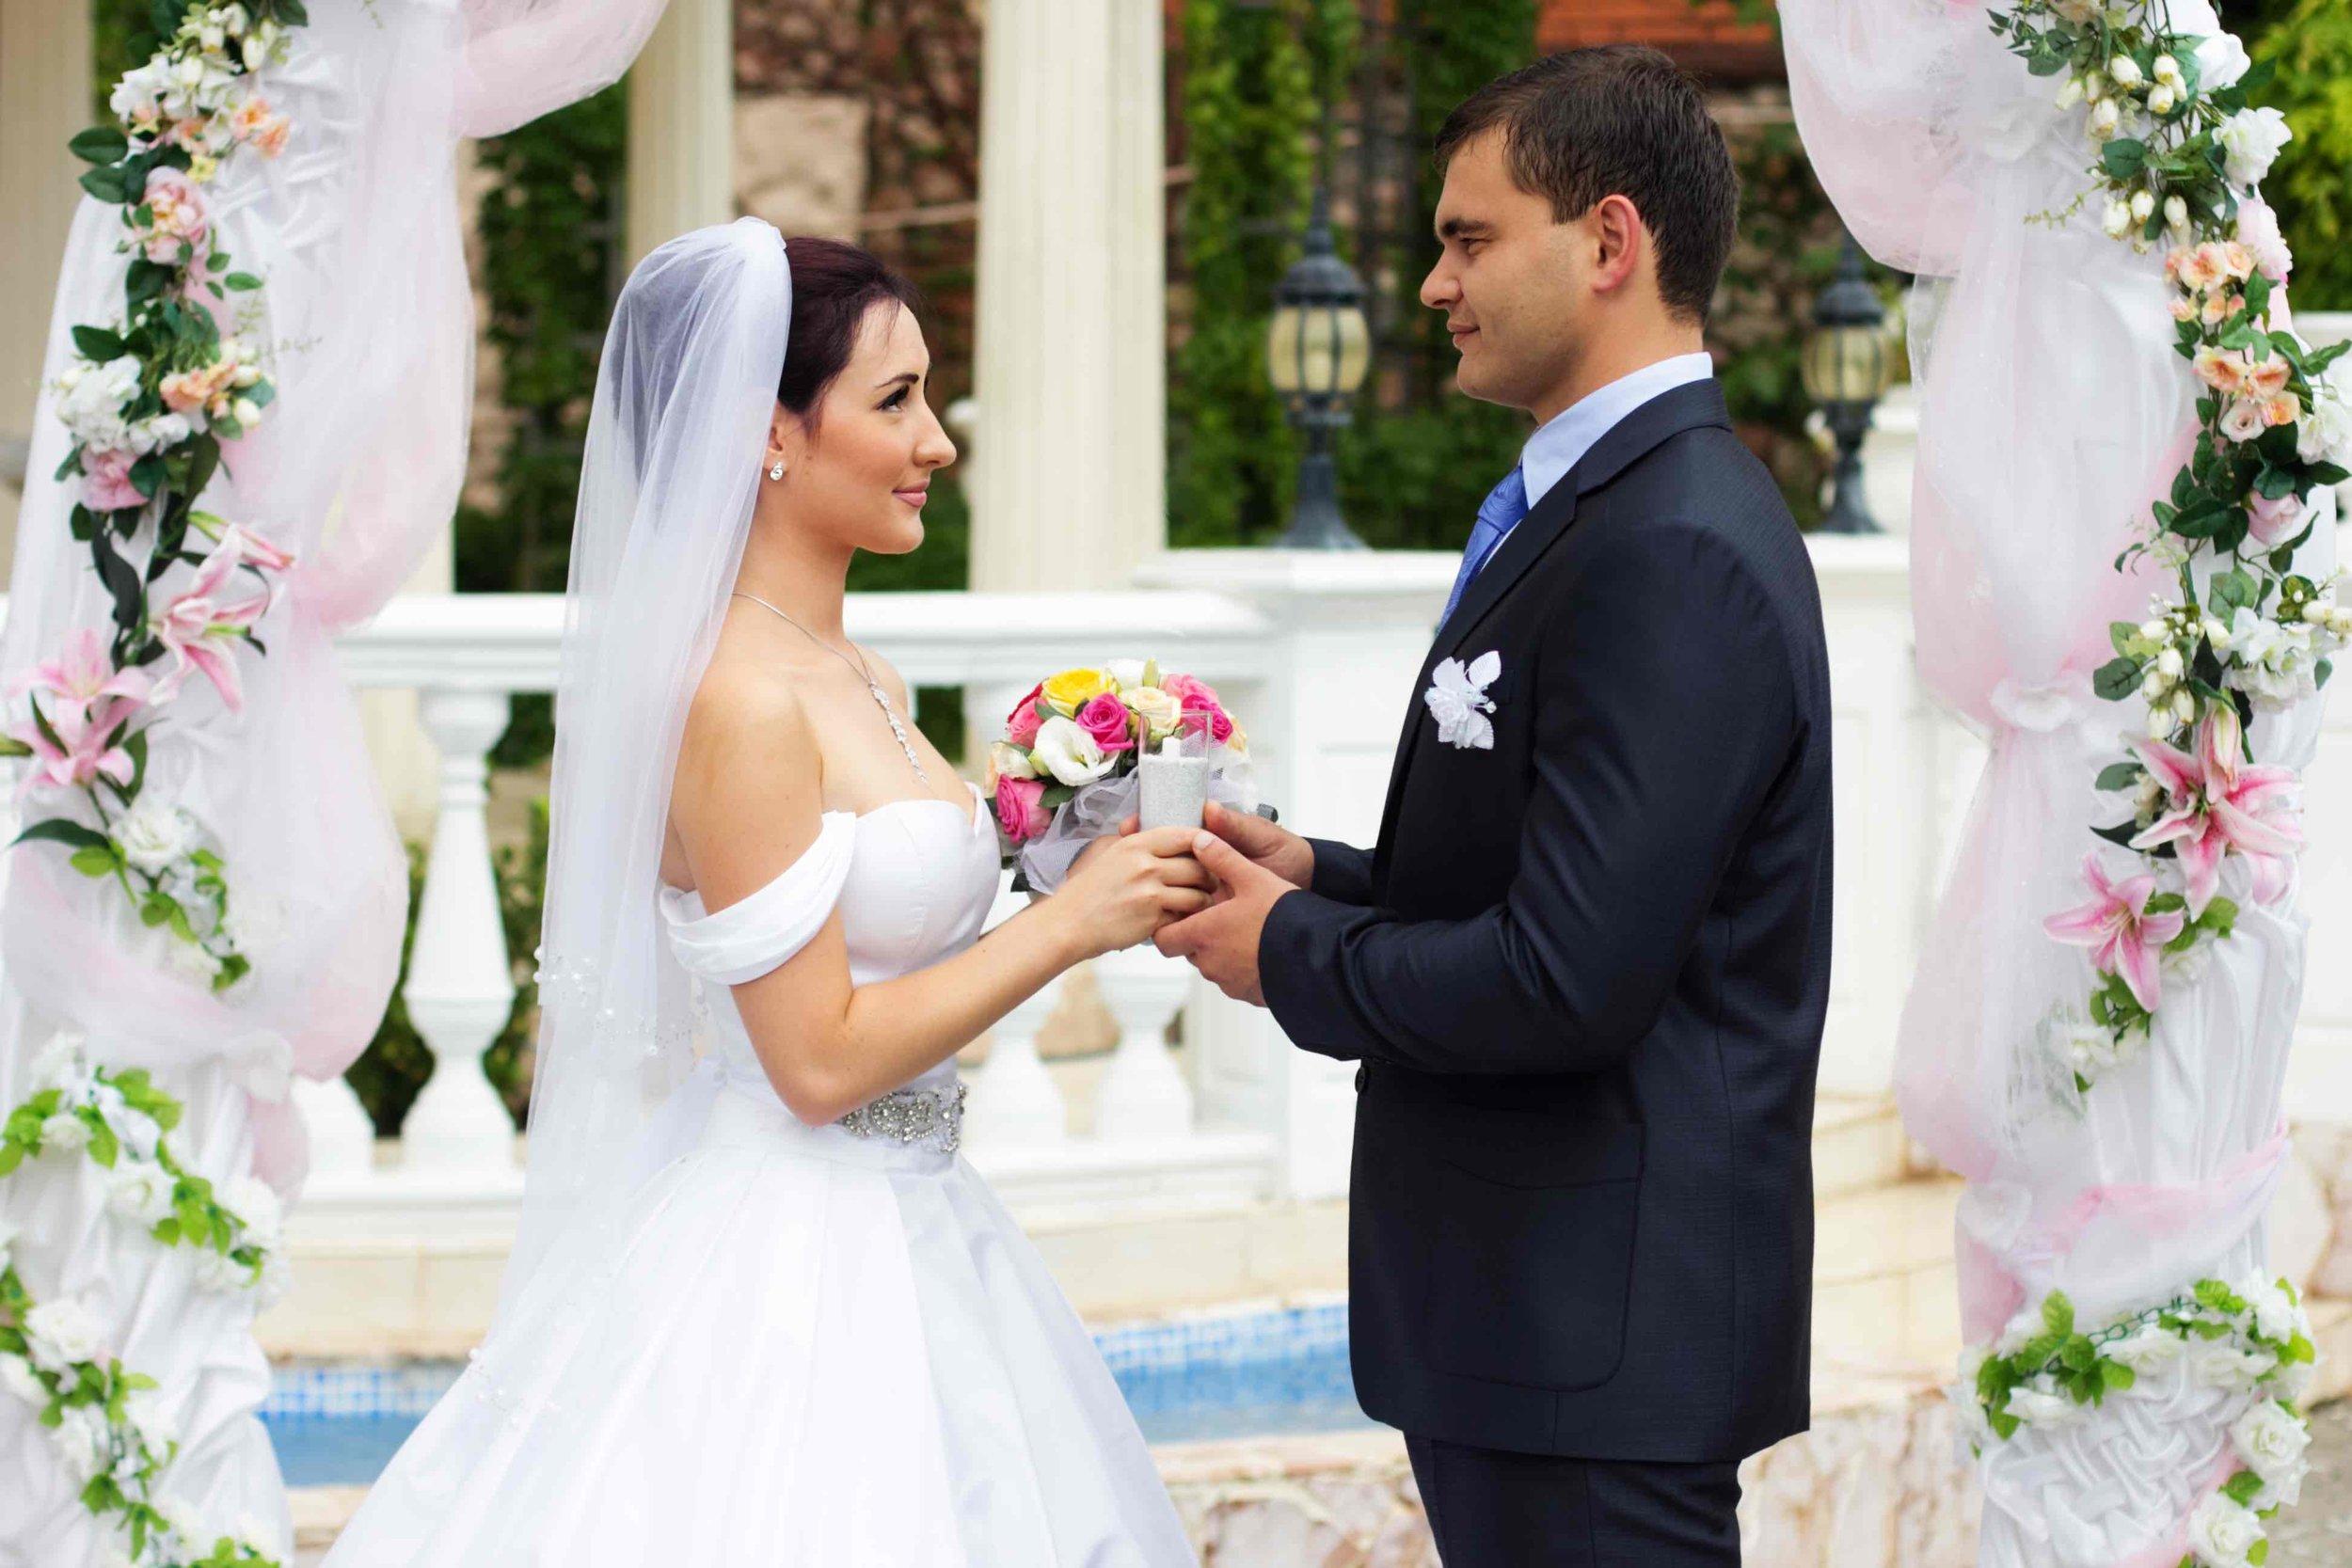 Wedding couple lo res.jpg